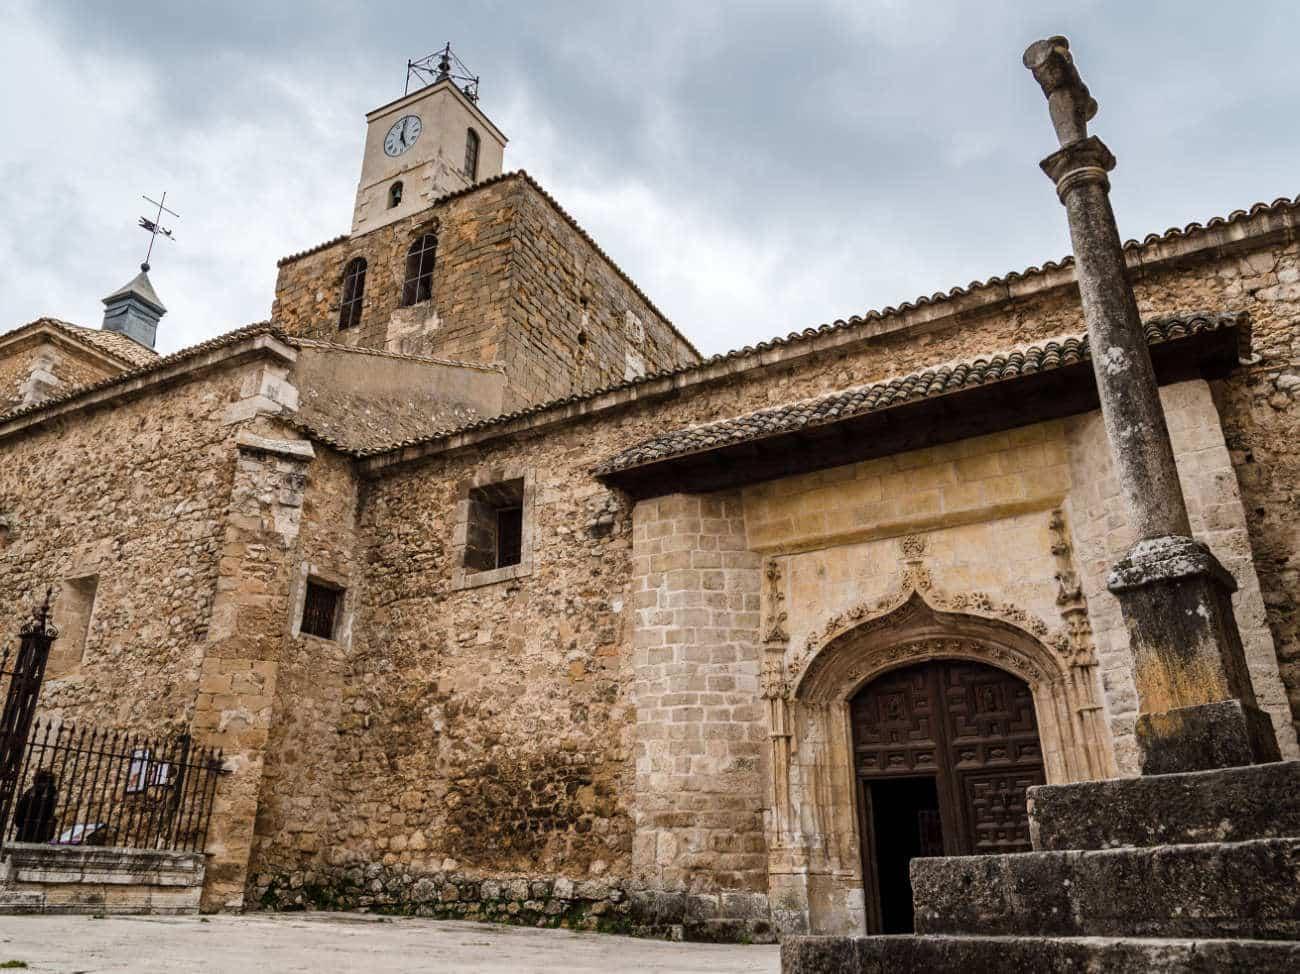 Los mejores pueblos de la Alcarria de Guadalajara: qué ver y cómo llegar